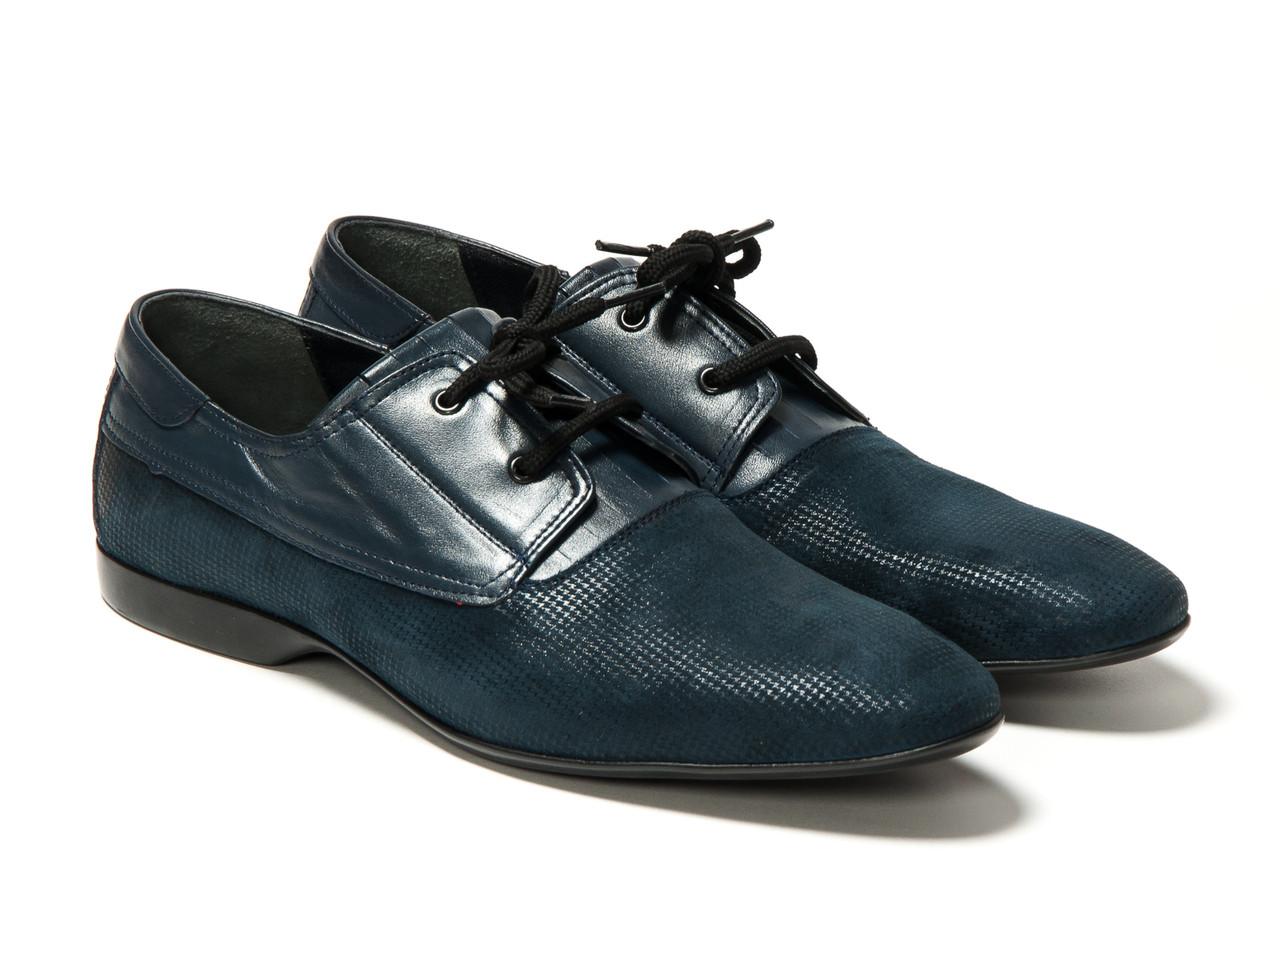 Туфлі Etor 11466-7115 45 сині